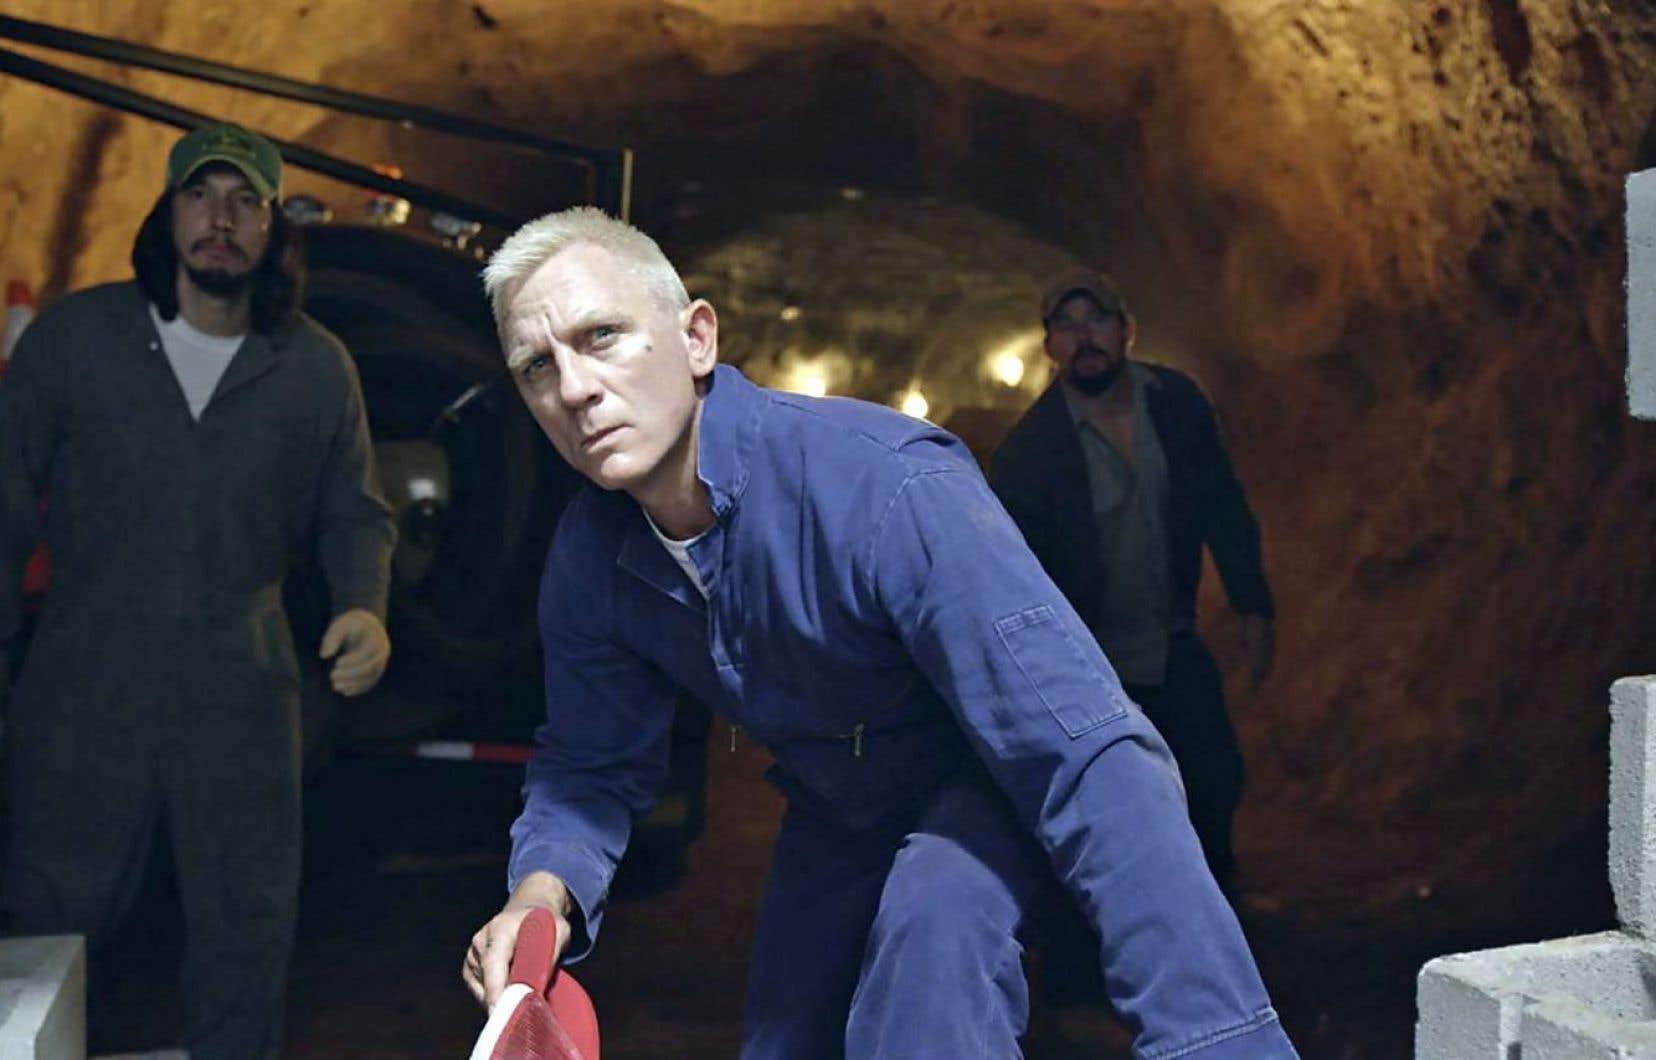 Les personnages sont tous hauts en couleur, mais réalistes. Ici, Daniel Craig, Adam Driver et Channing Tatum